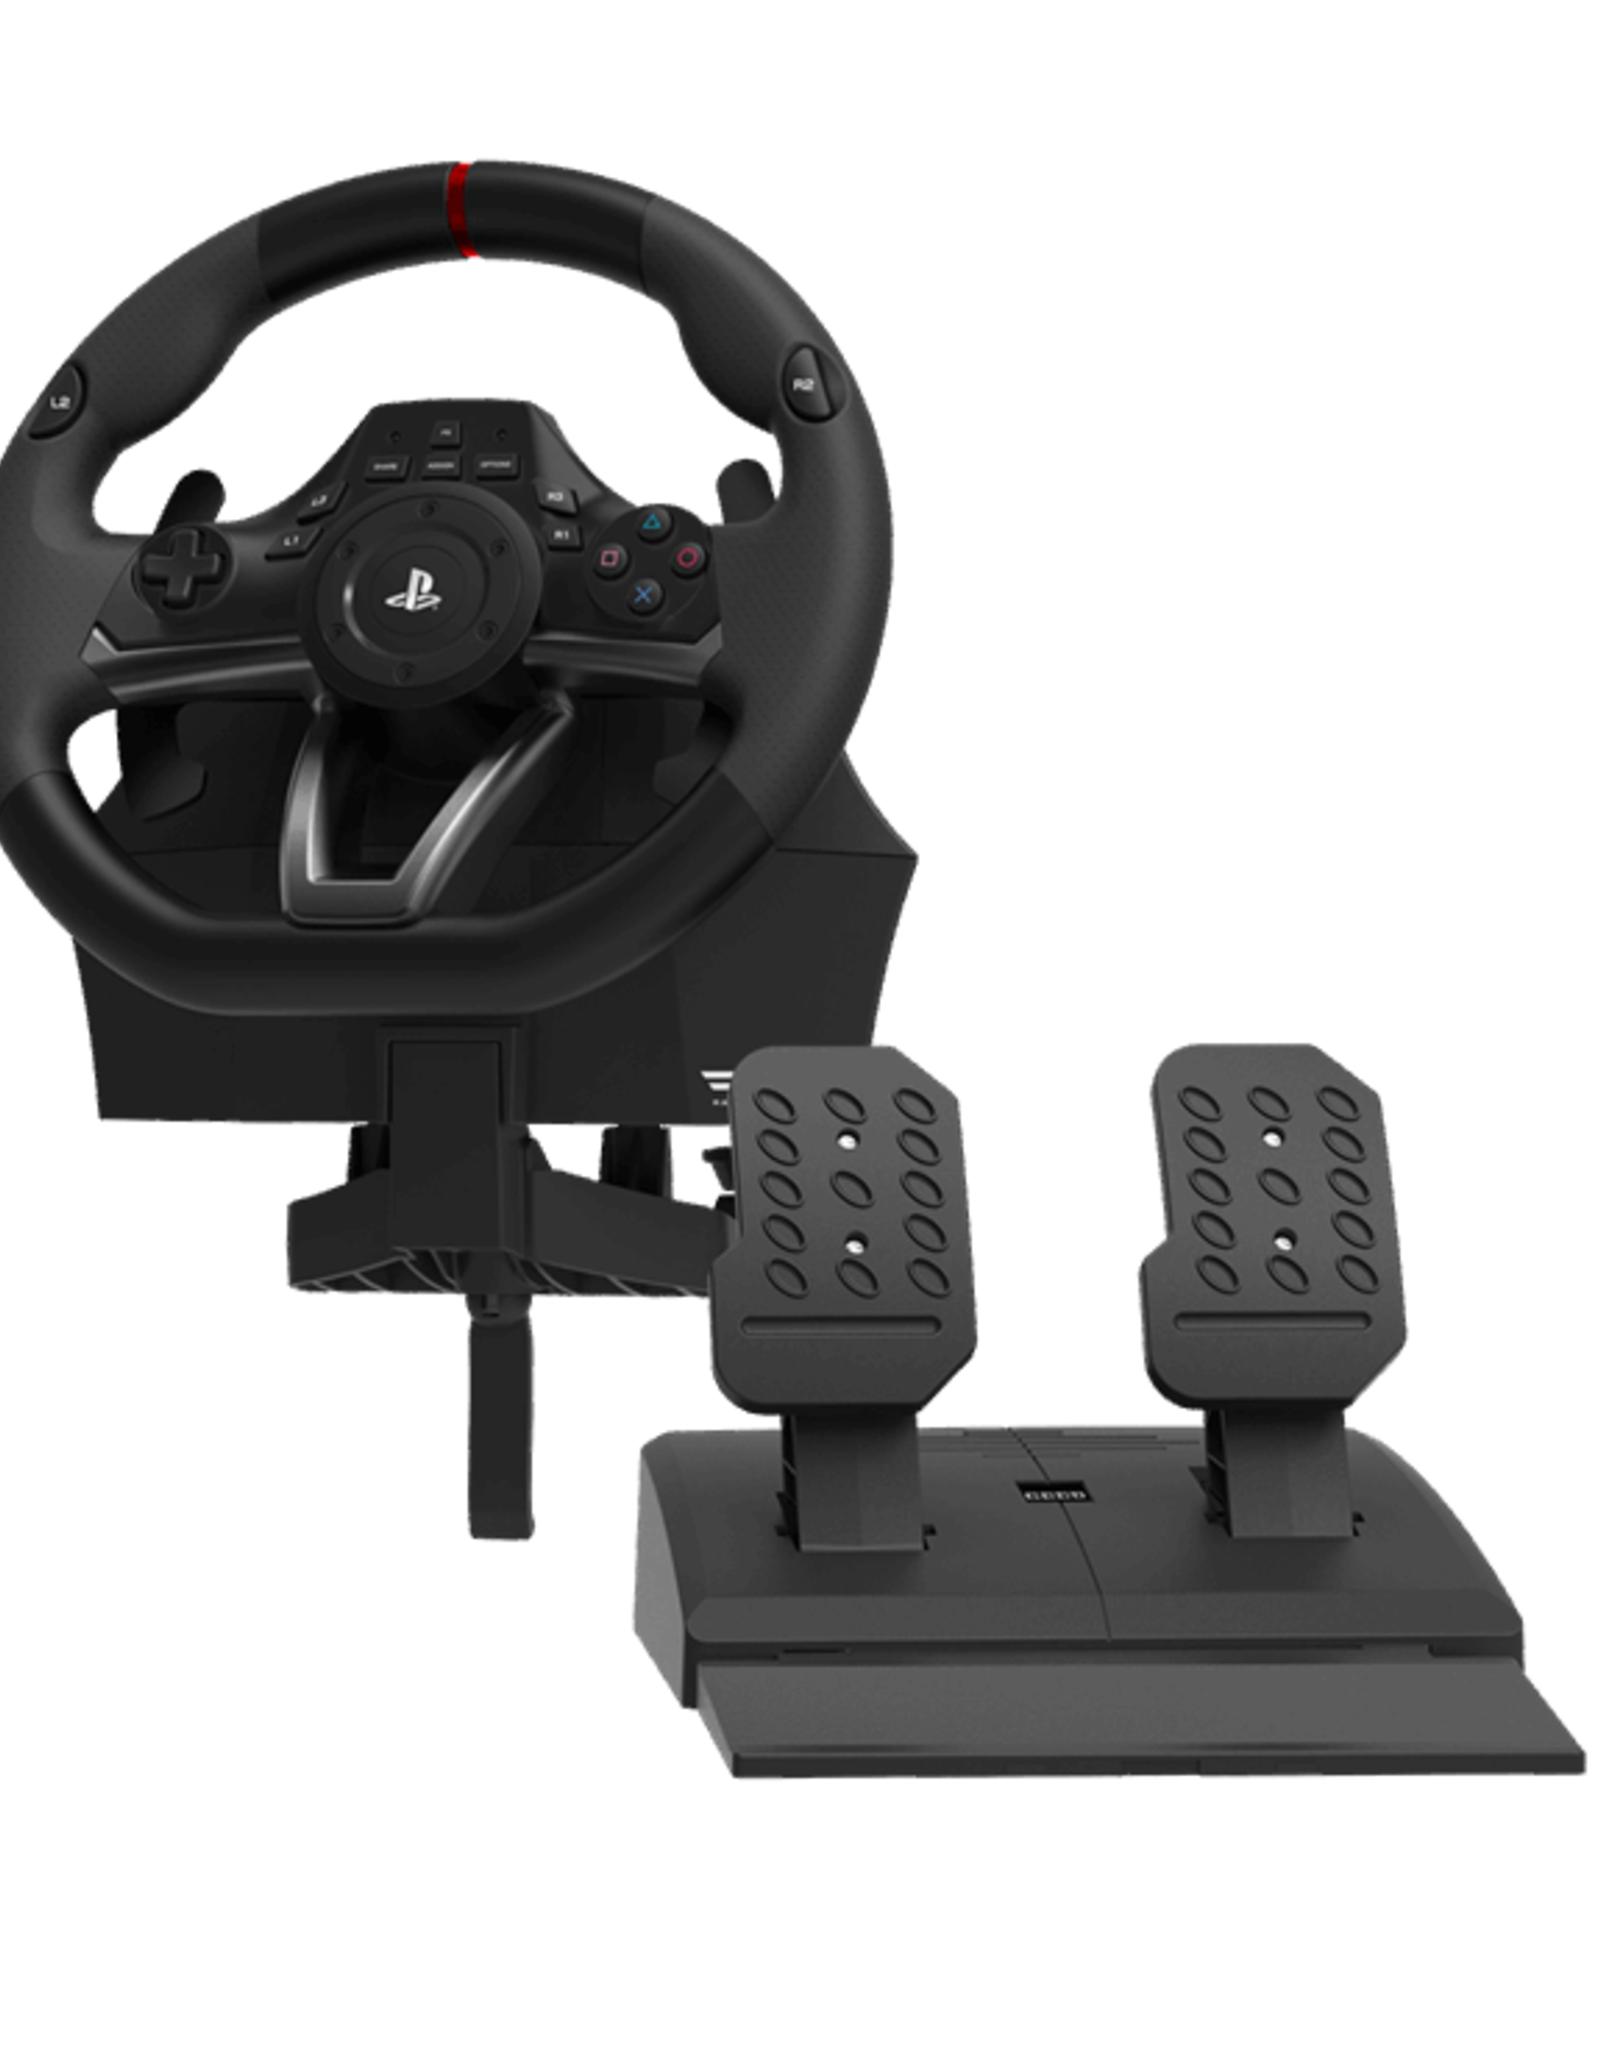 Hori PS3 / PS4 Apex 4 Racing Wheel